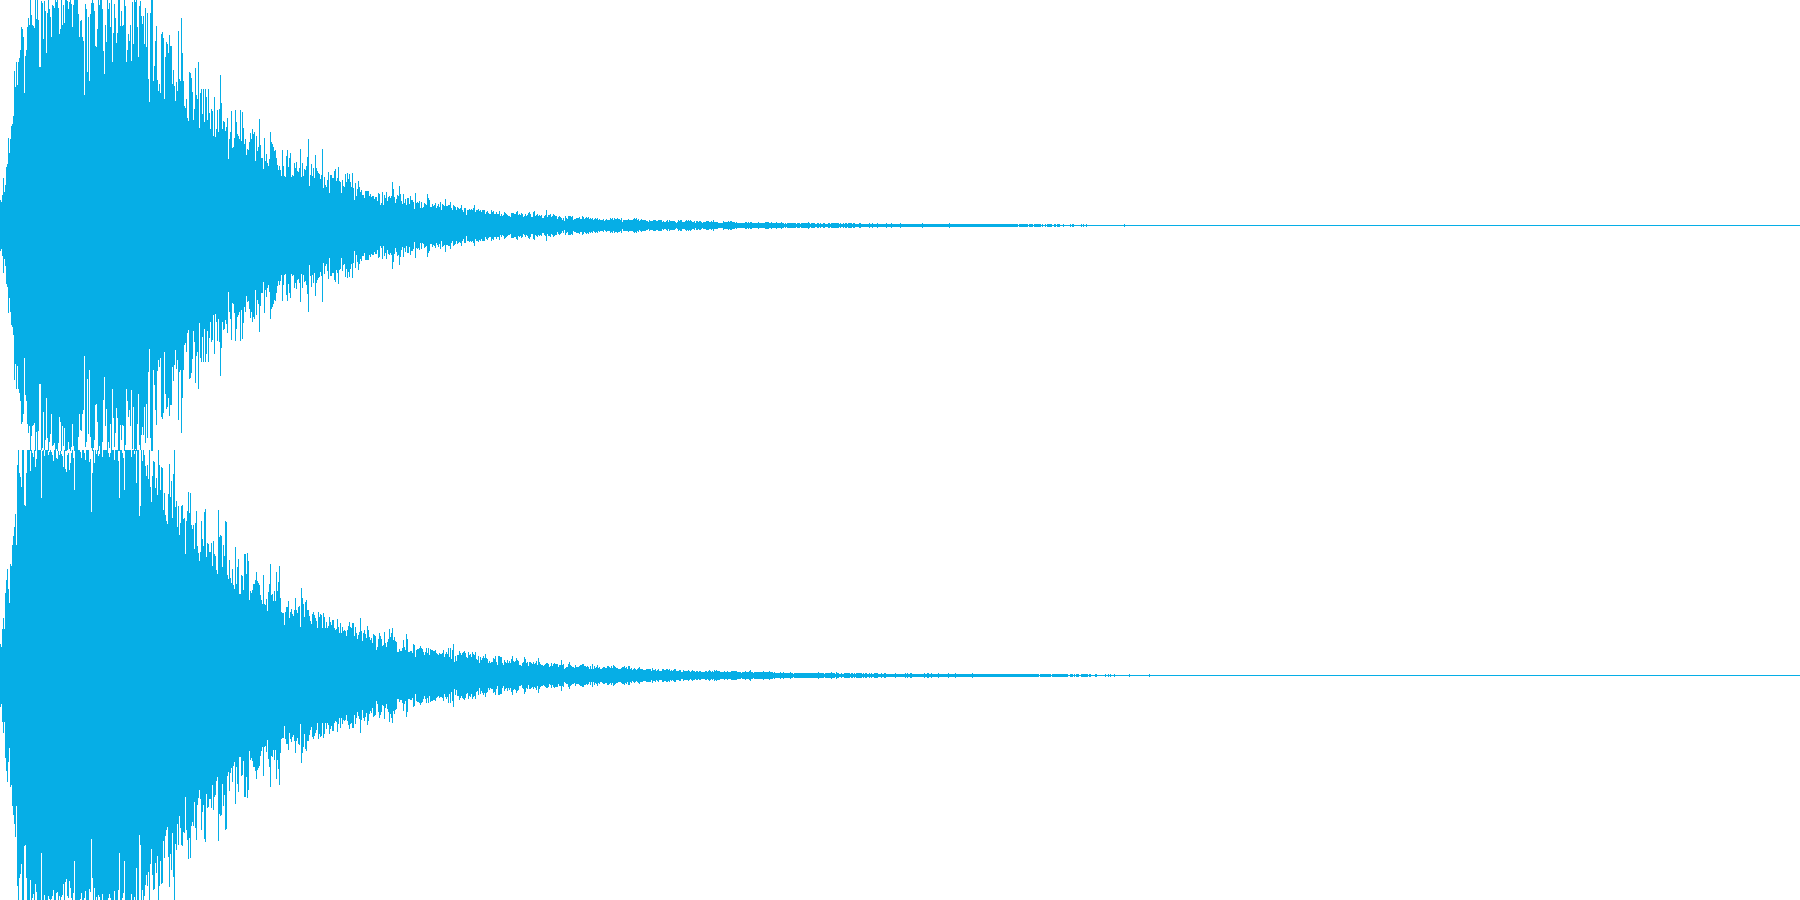 ジャーン 開始のシンバル・ゴングの再生済みの波形